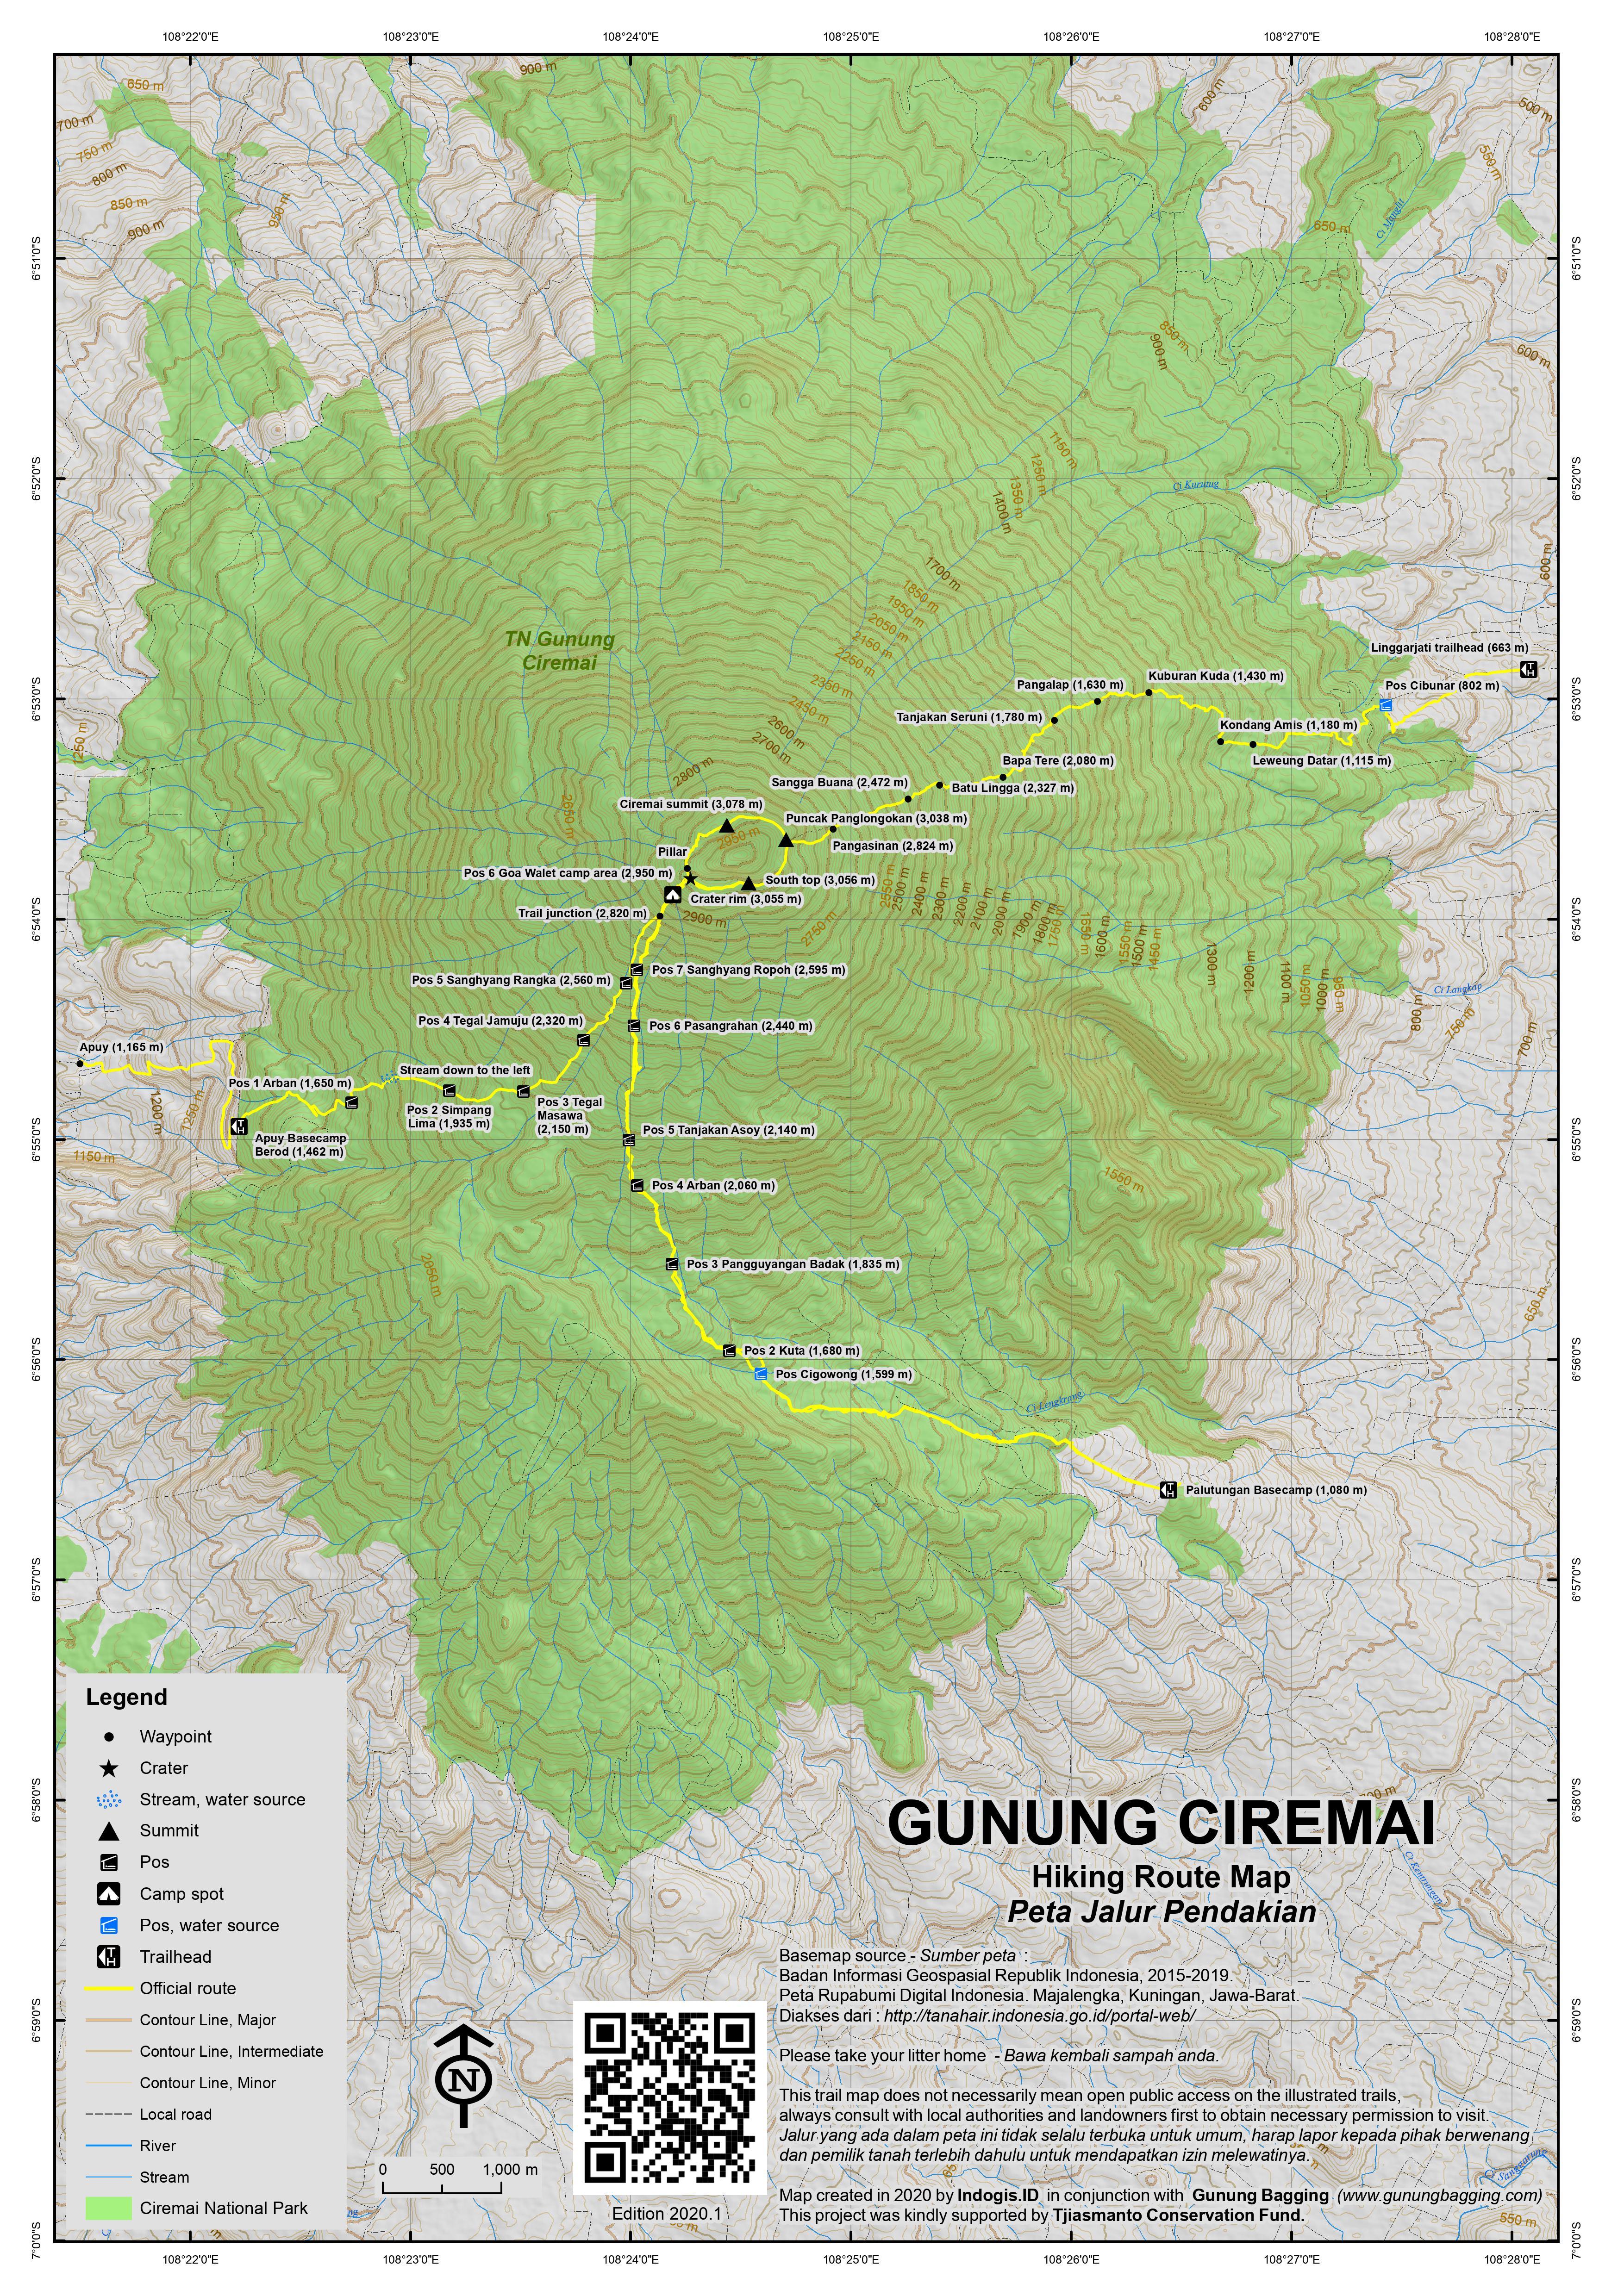 Peta Jalur Pendakian Gunung Ciremai